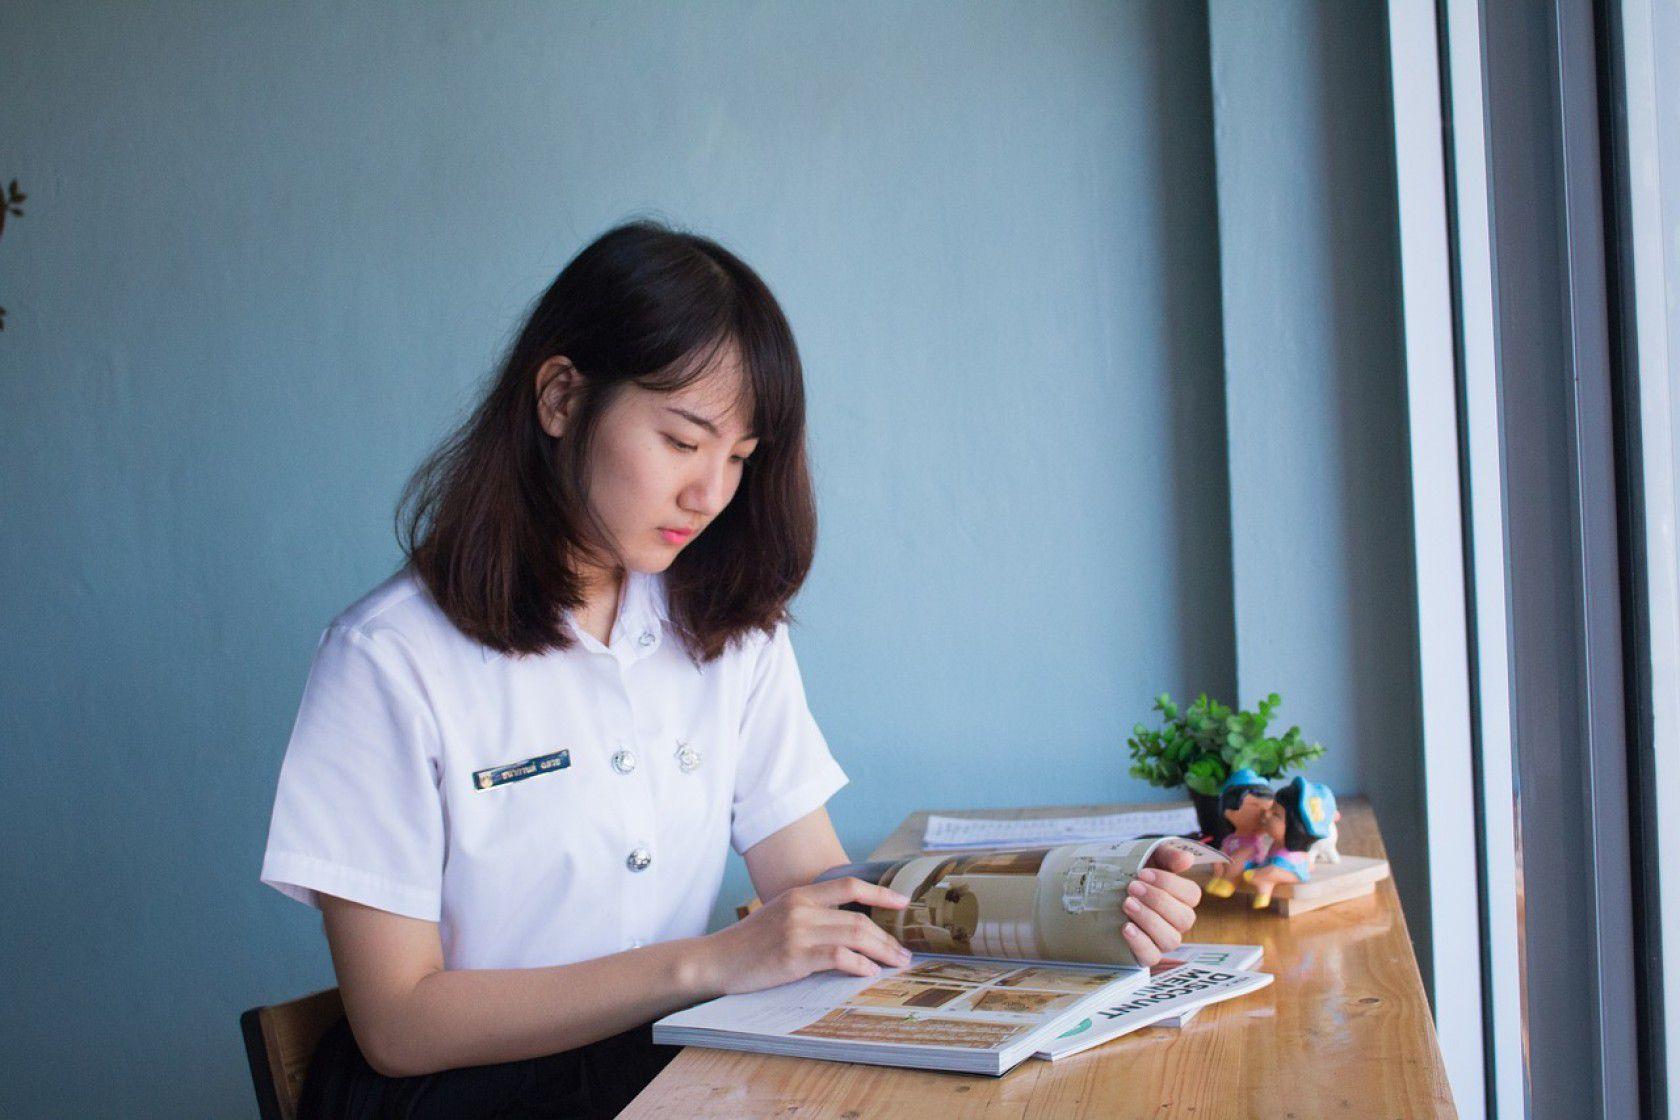 Finlandiya Turku'da Lise Eğitimi Almak